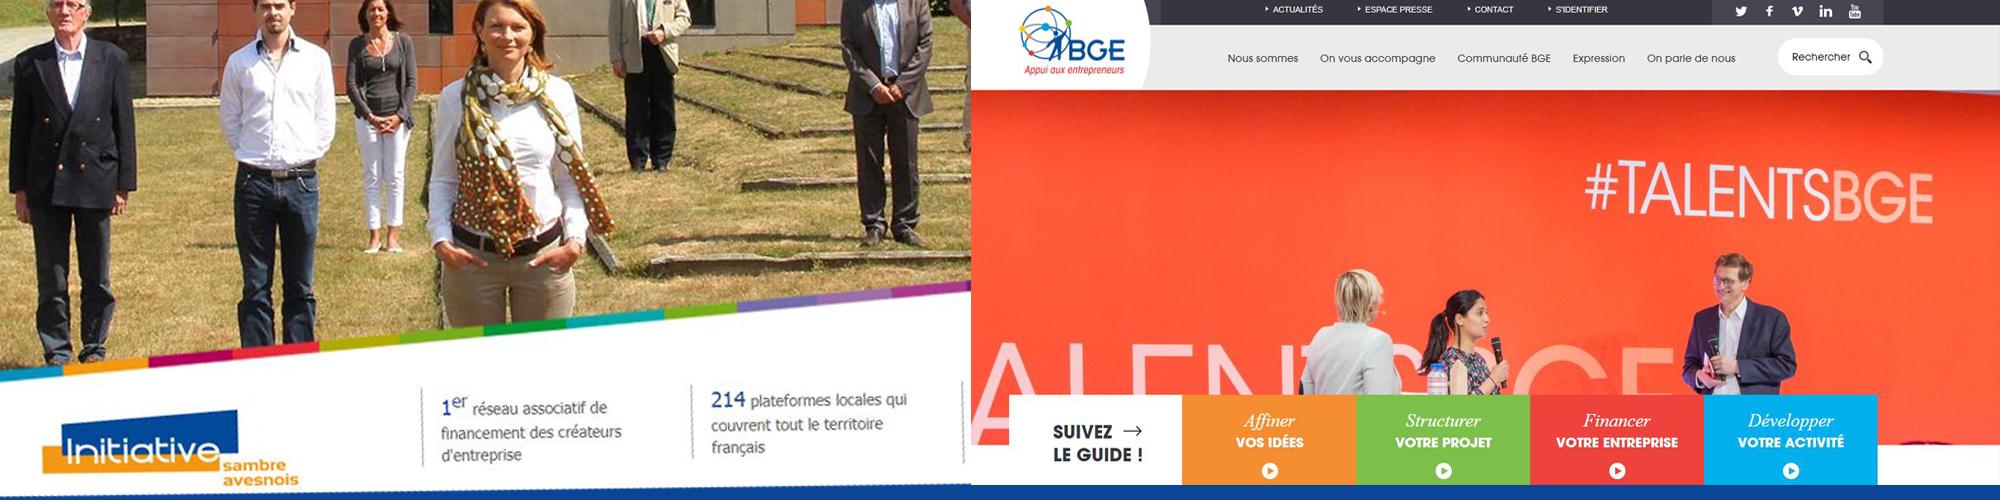 COVID 19, la BGE et Initiative Sambre Avesnois continuent d'accompagner les créateurs d'entreprises.